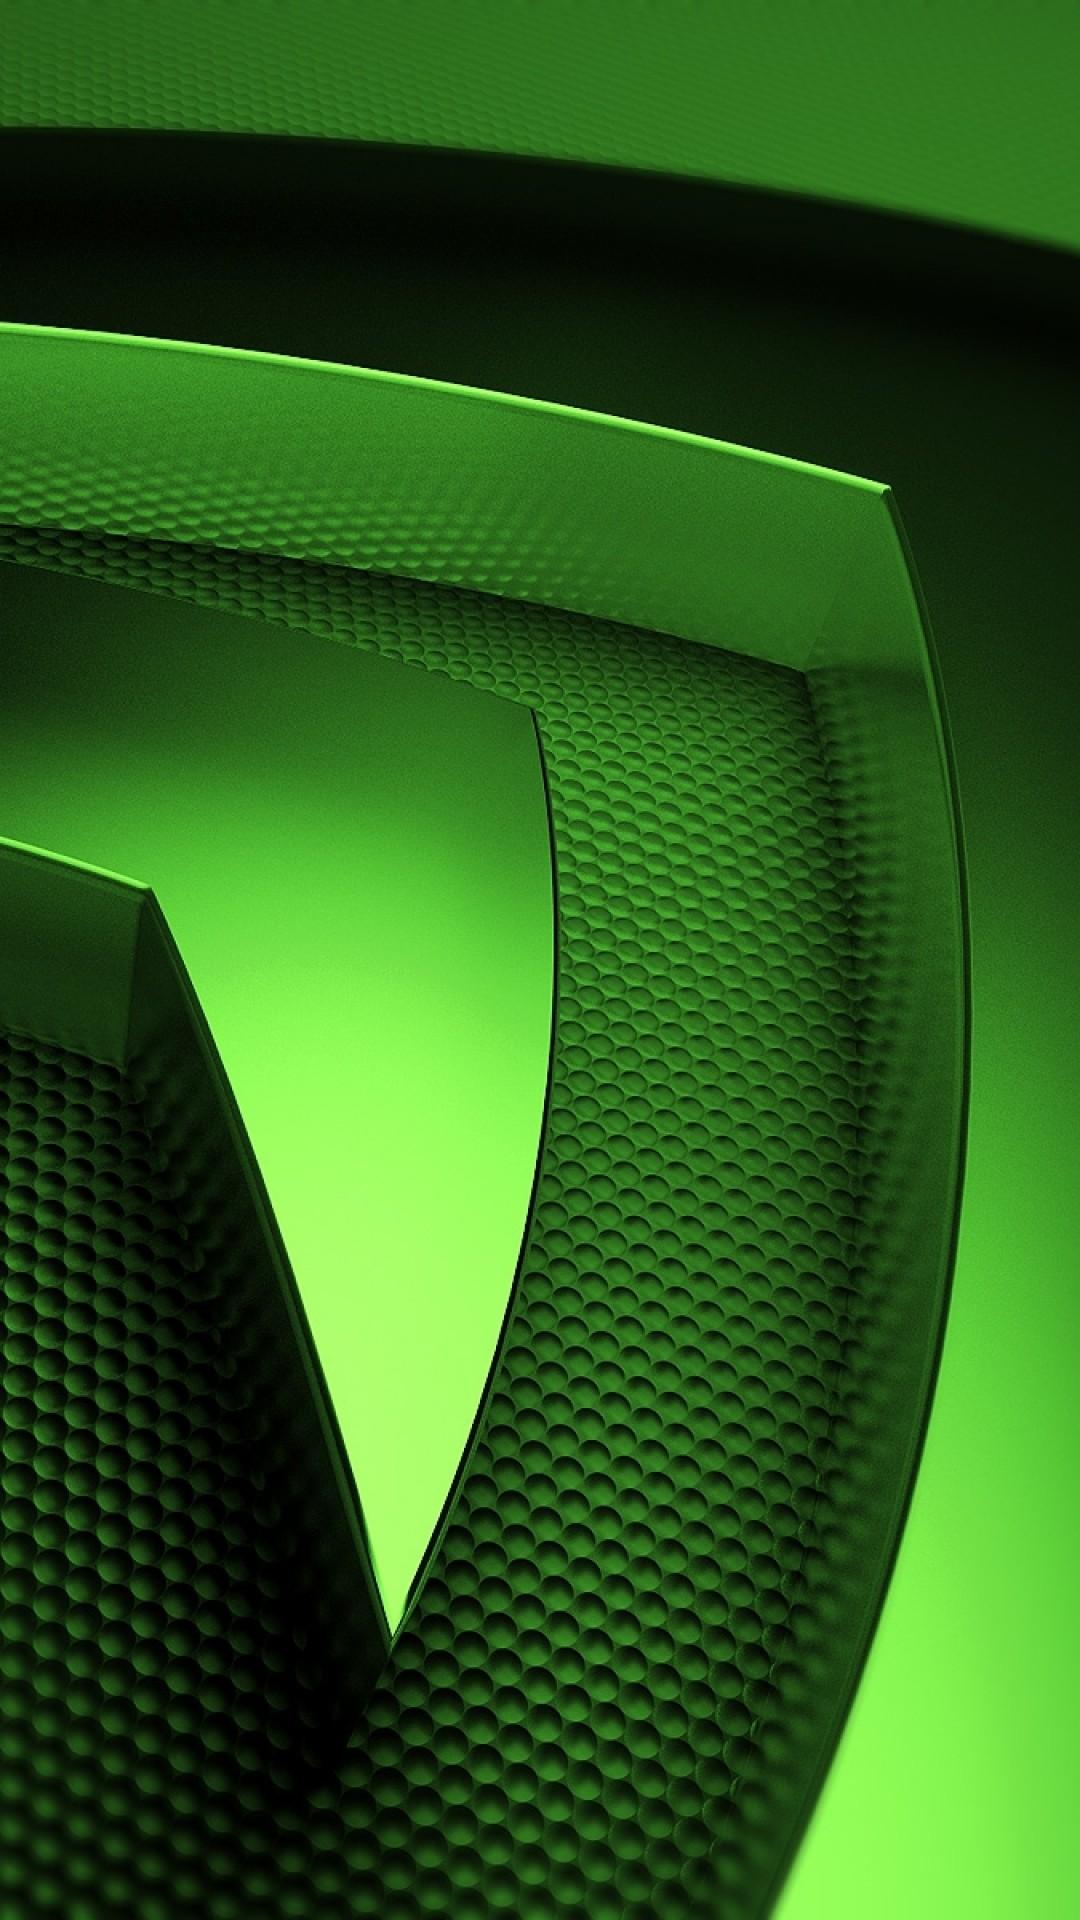 Preview wallpaper nvidia, green, symbol 1080×1920